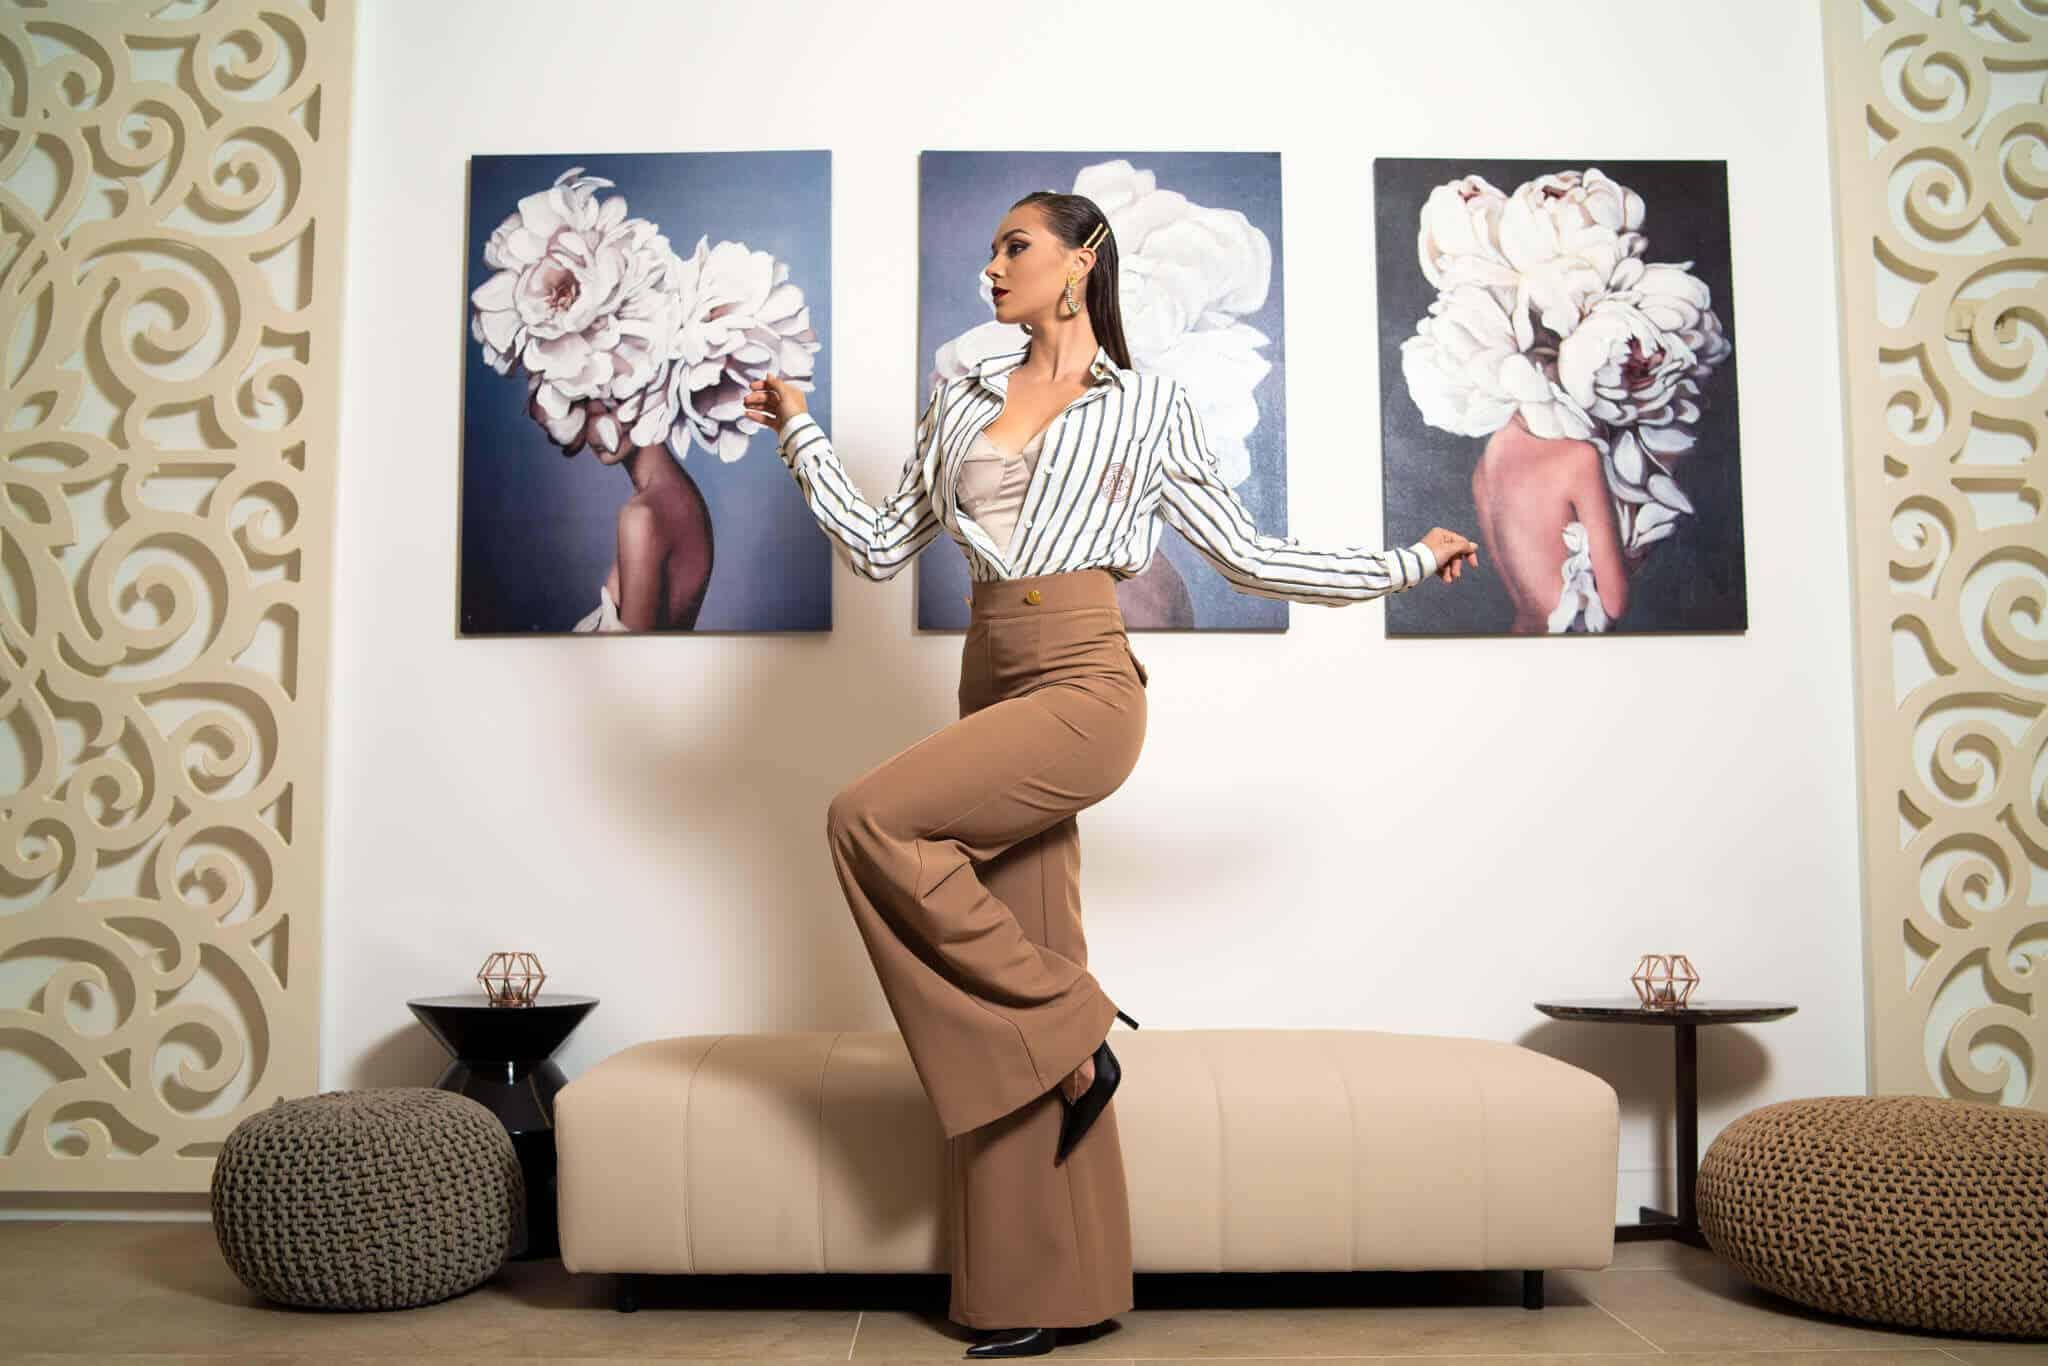 Палацо панталон с висока талия в цвят тофифи